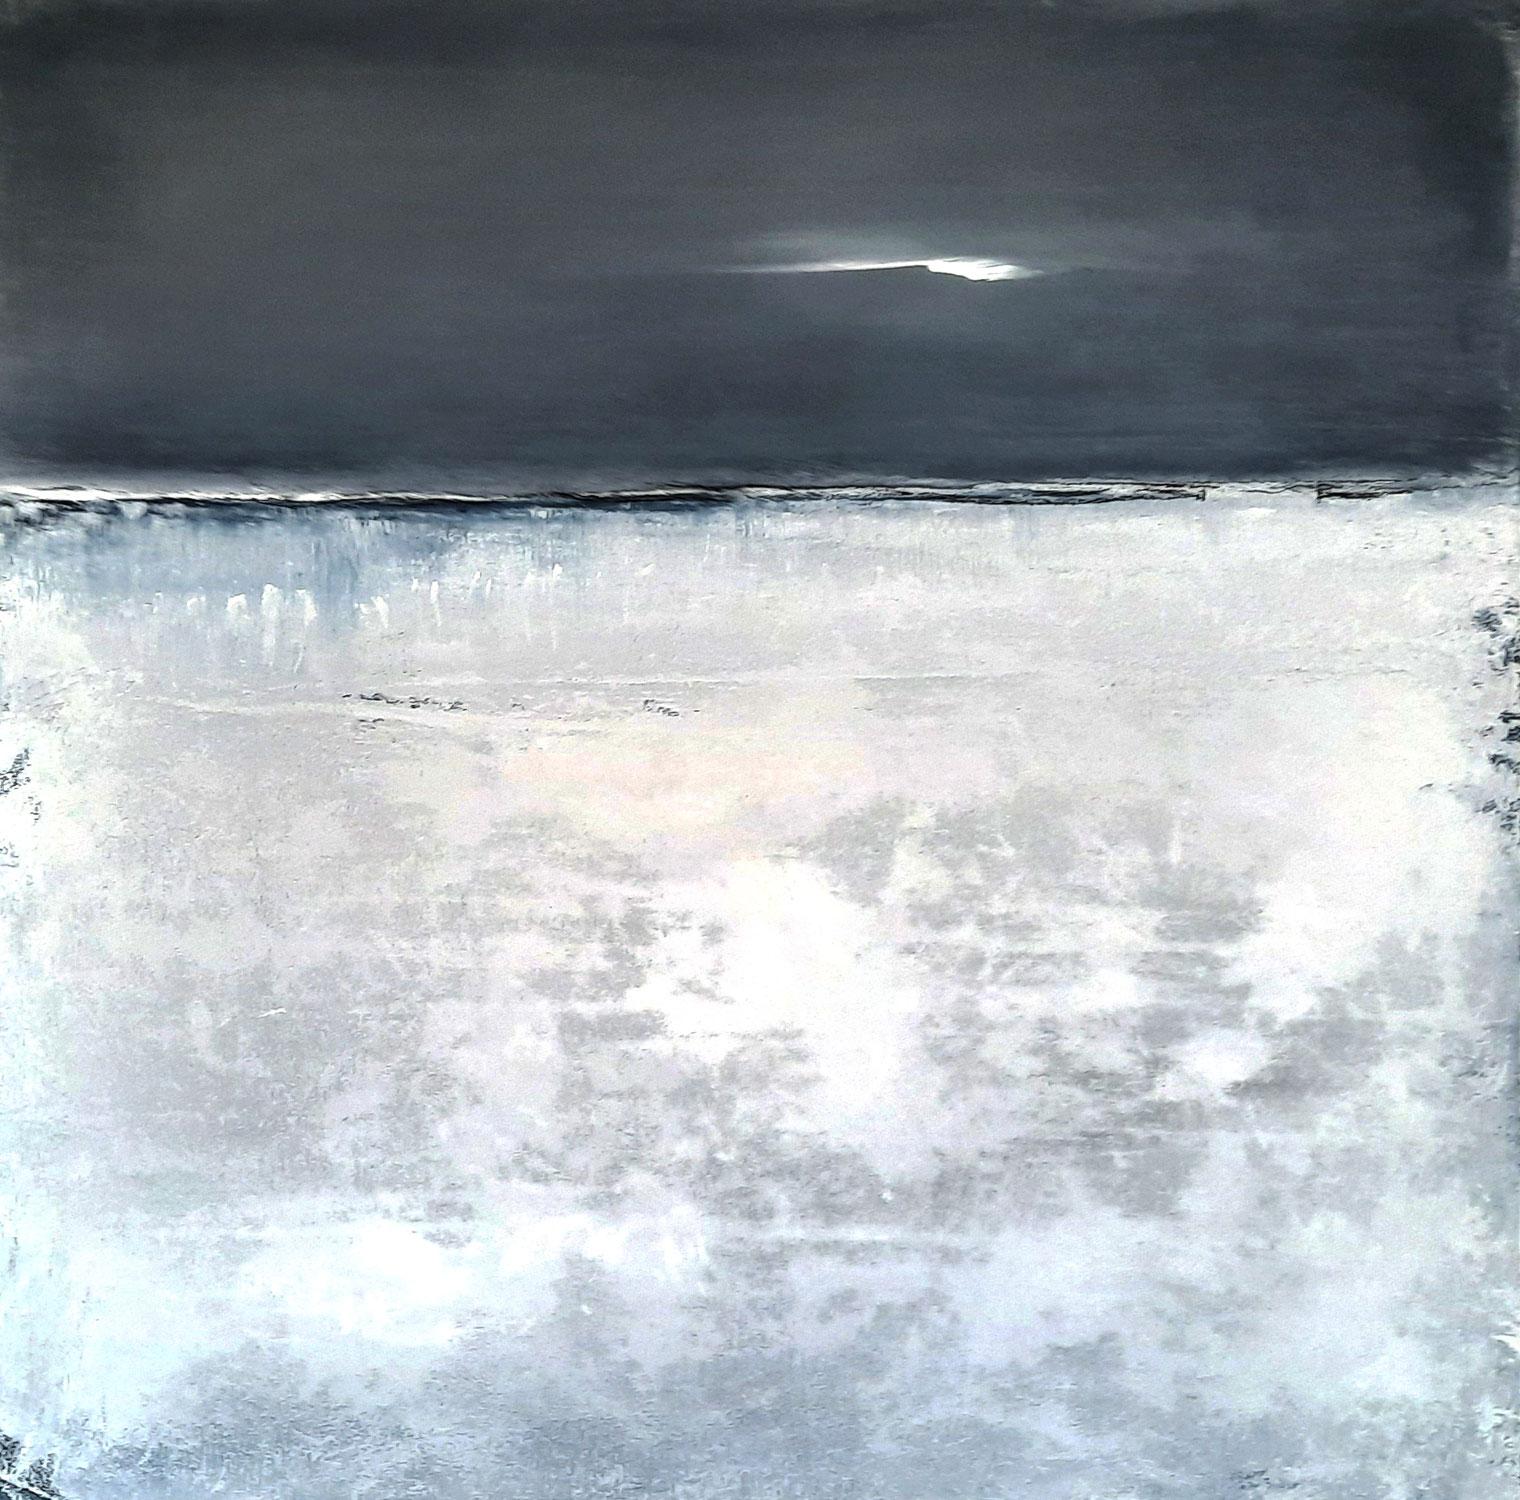 100 x 100 cm - Abendschein - graues weisses Bild